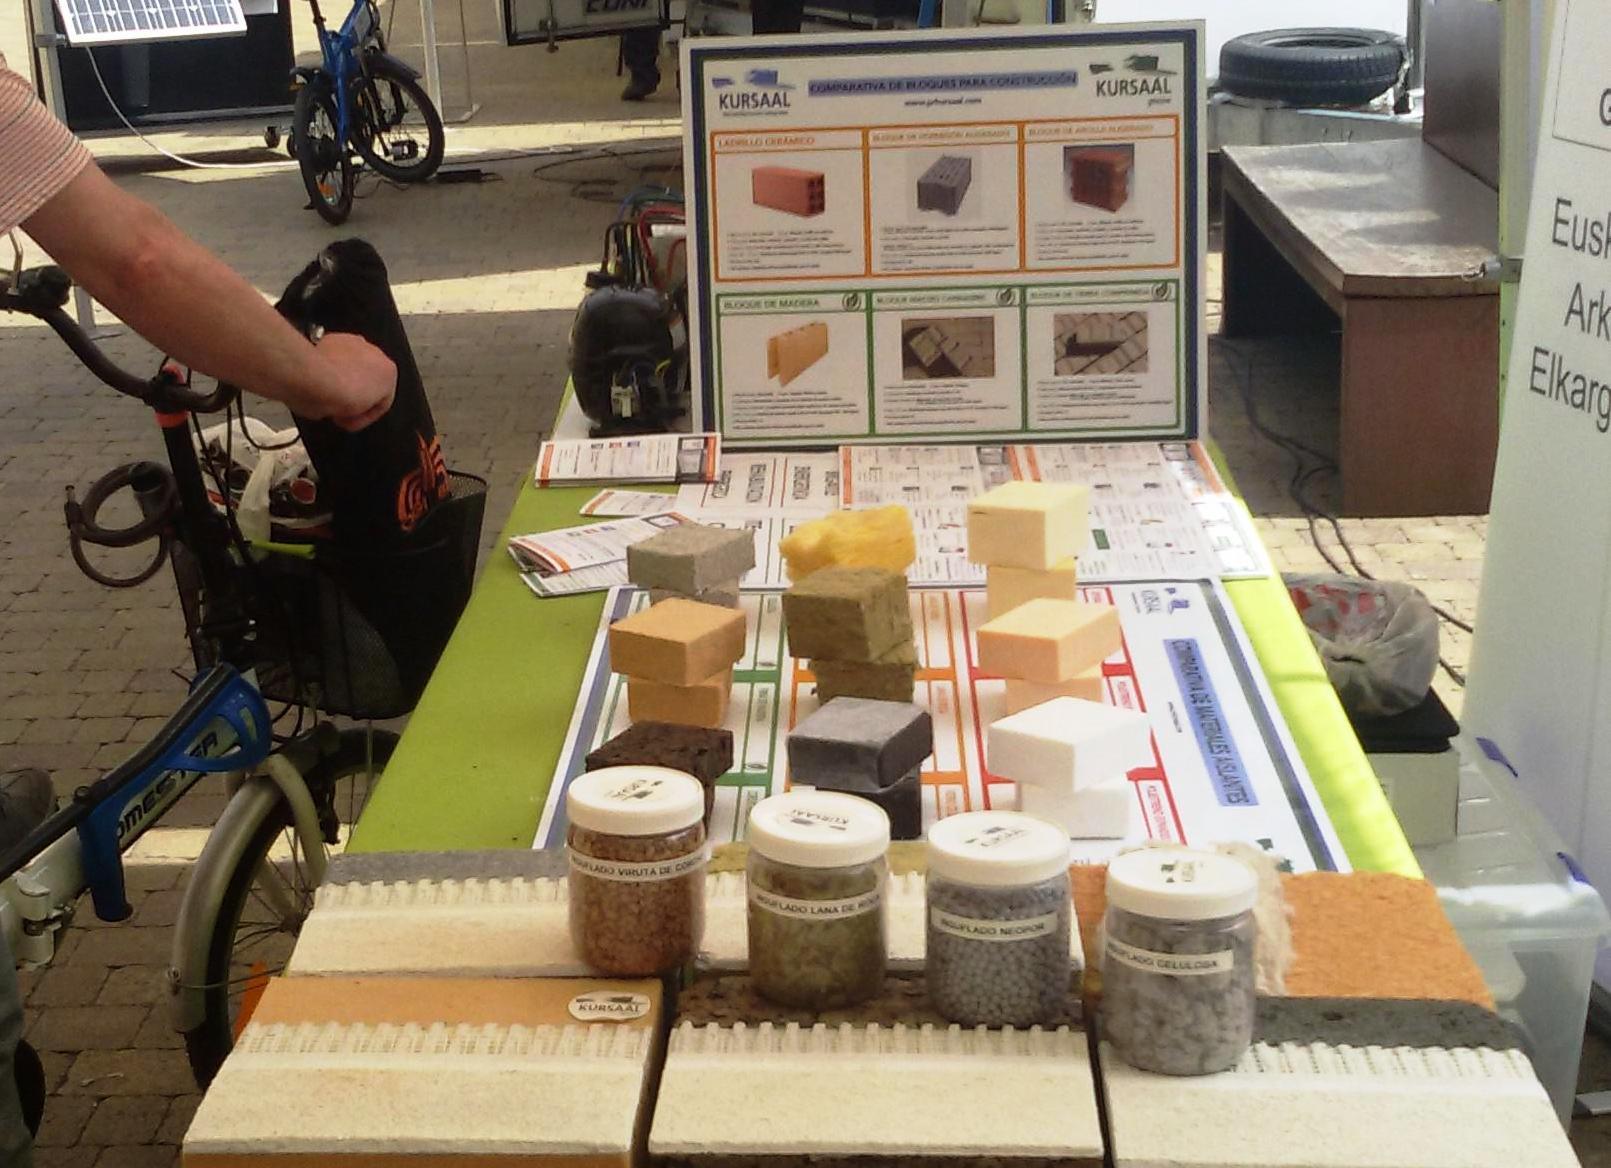 foto noticia: Kursaal Rehabilitaciones presente en la Feria de la Energía celebrada en Zarautz